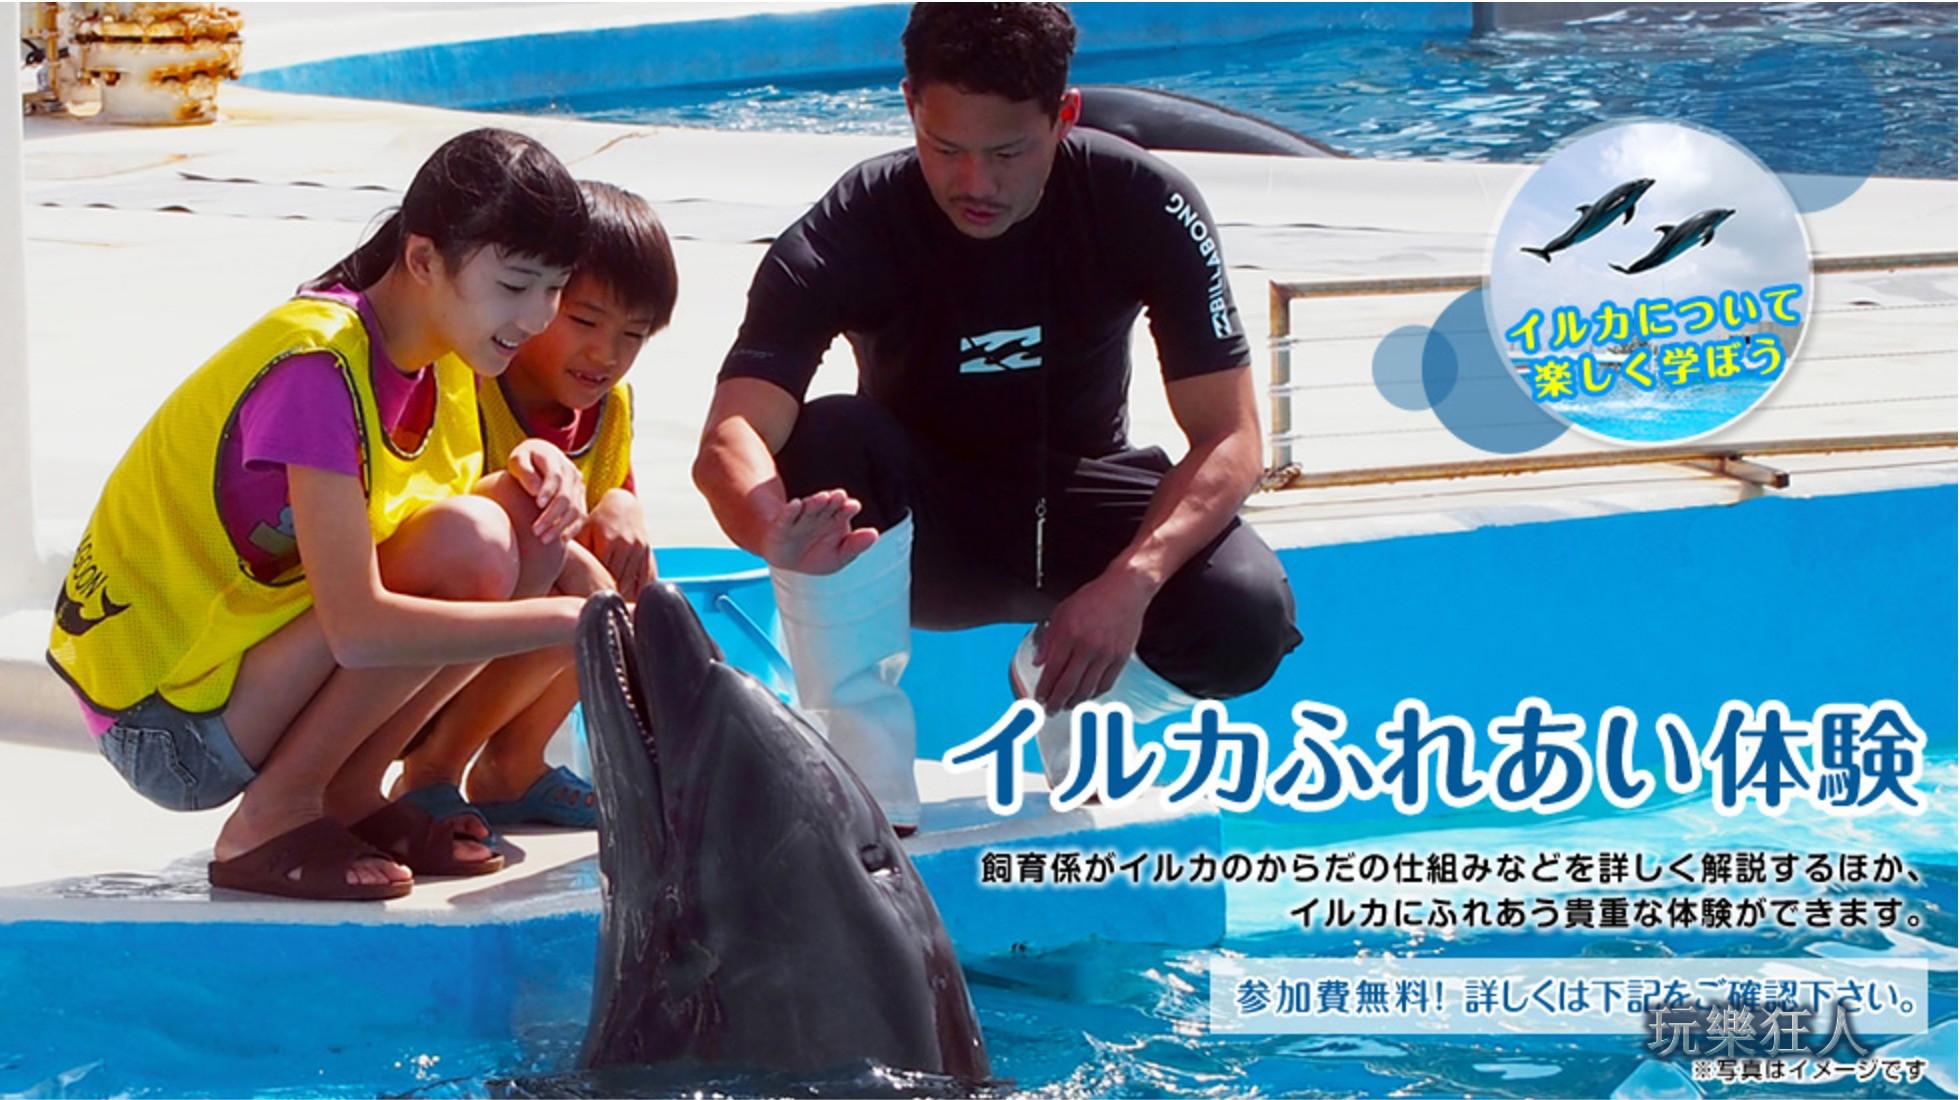 『海洋博公園』免費「海豚接觸體驗」預約-官網截圖